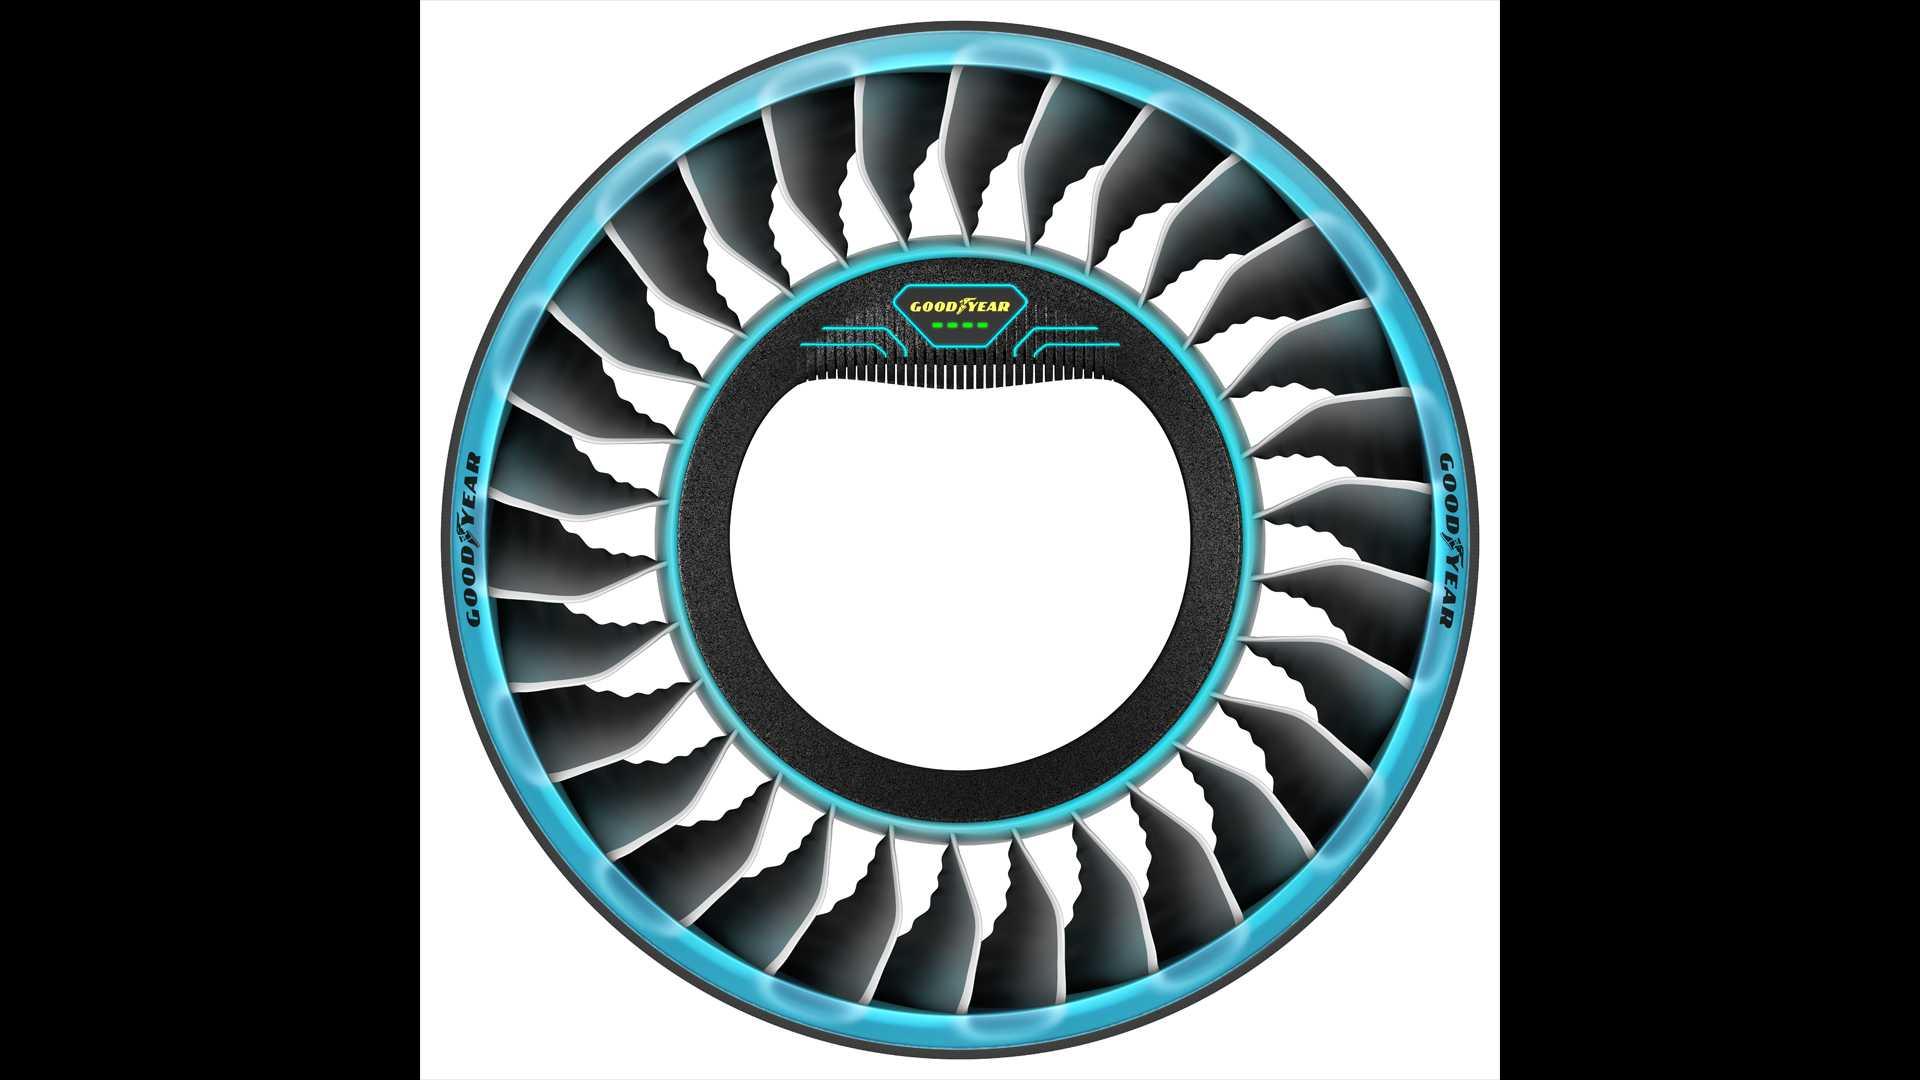 گوودیر ایرو، تایرهای پروازی آینده در نمایشگاه ژنو